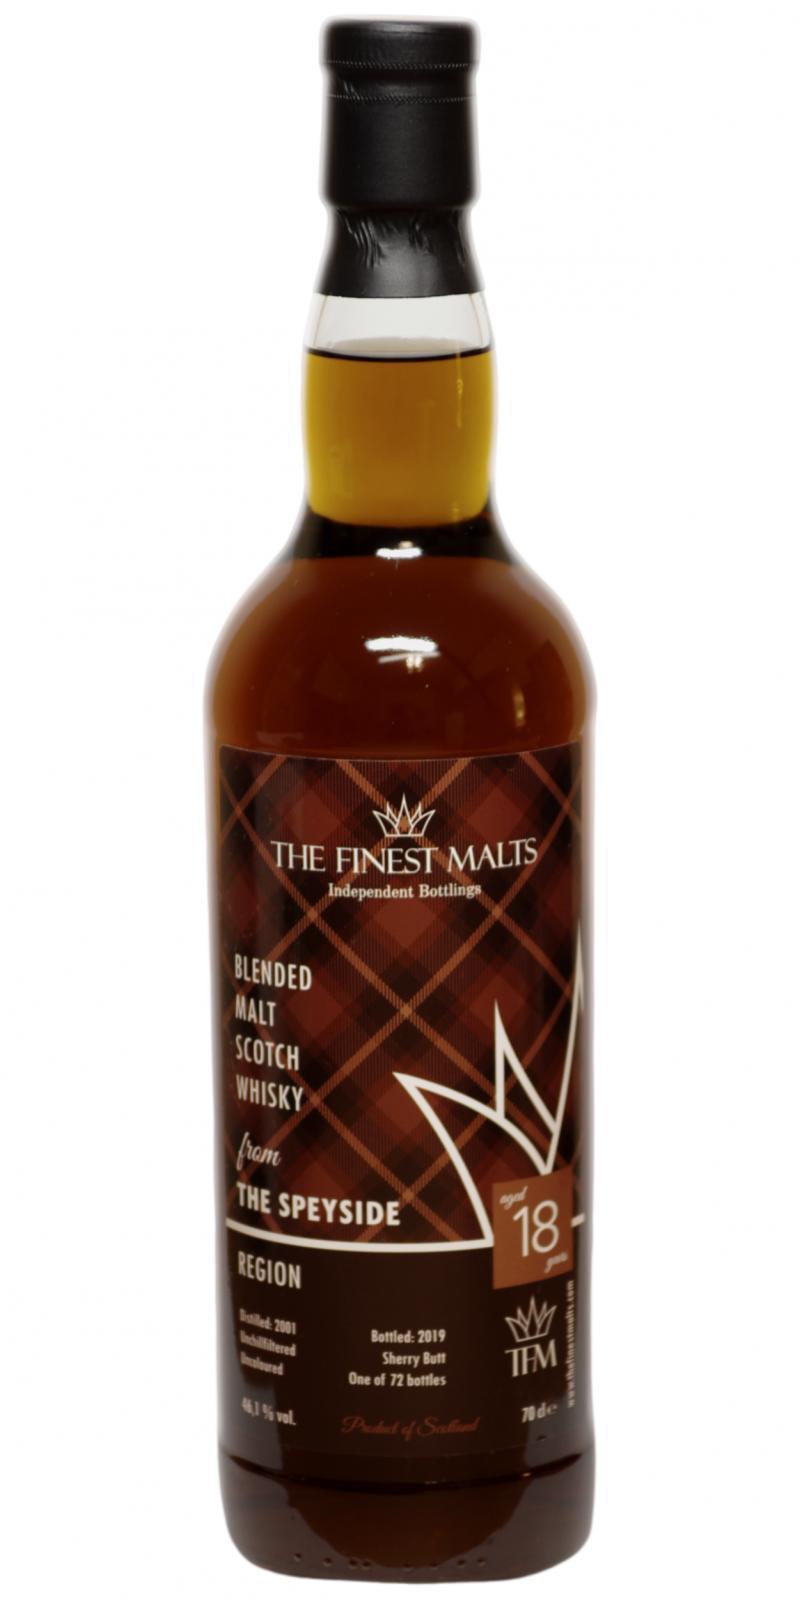 Blended Malt Scotch Whisky 2001 TFM